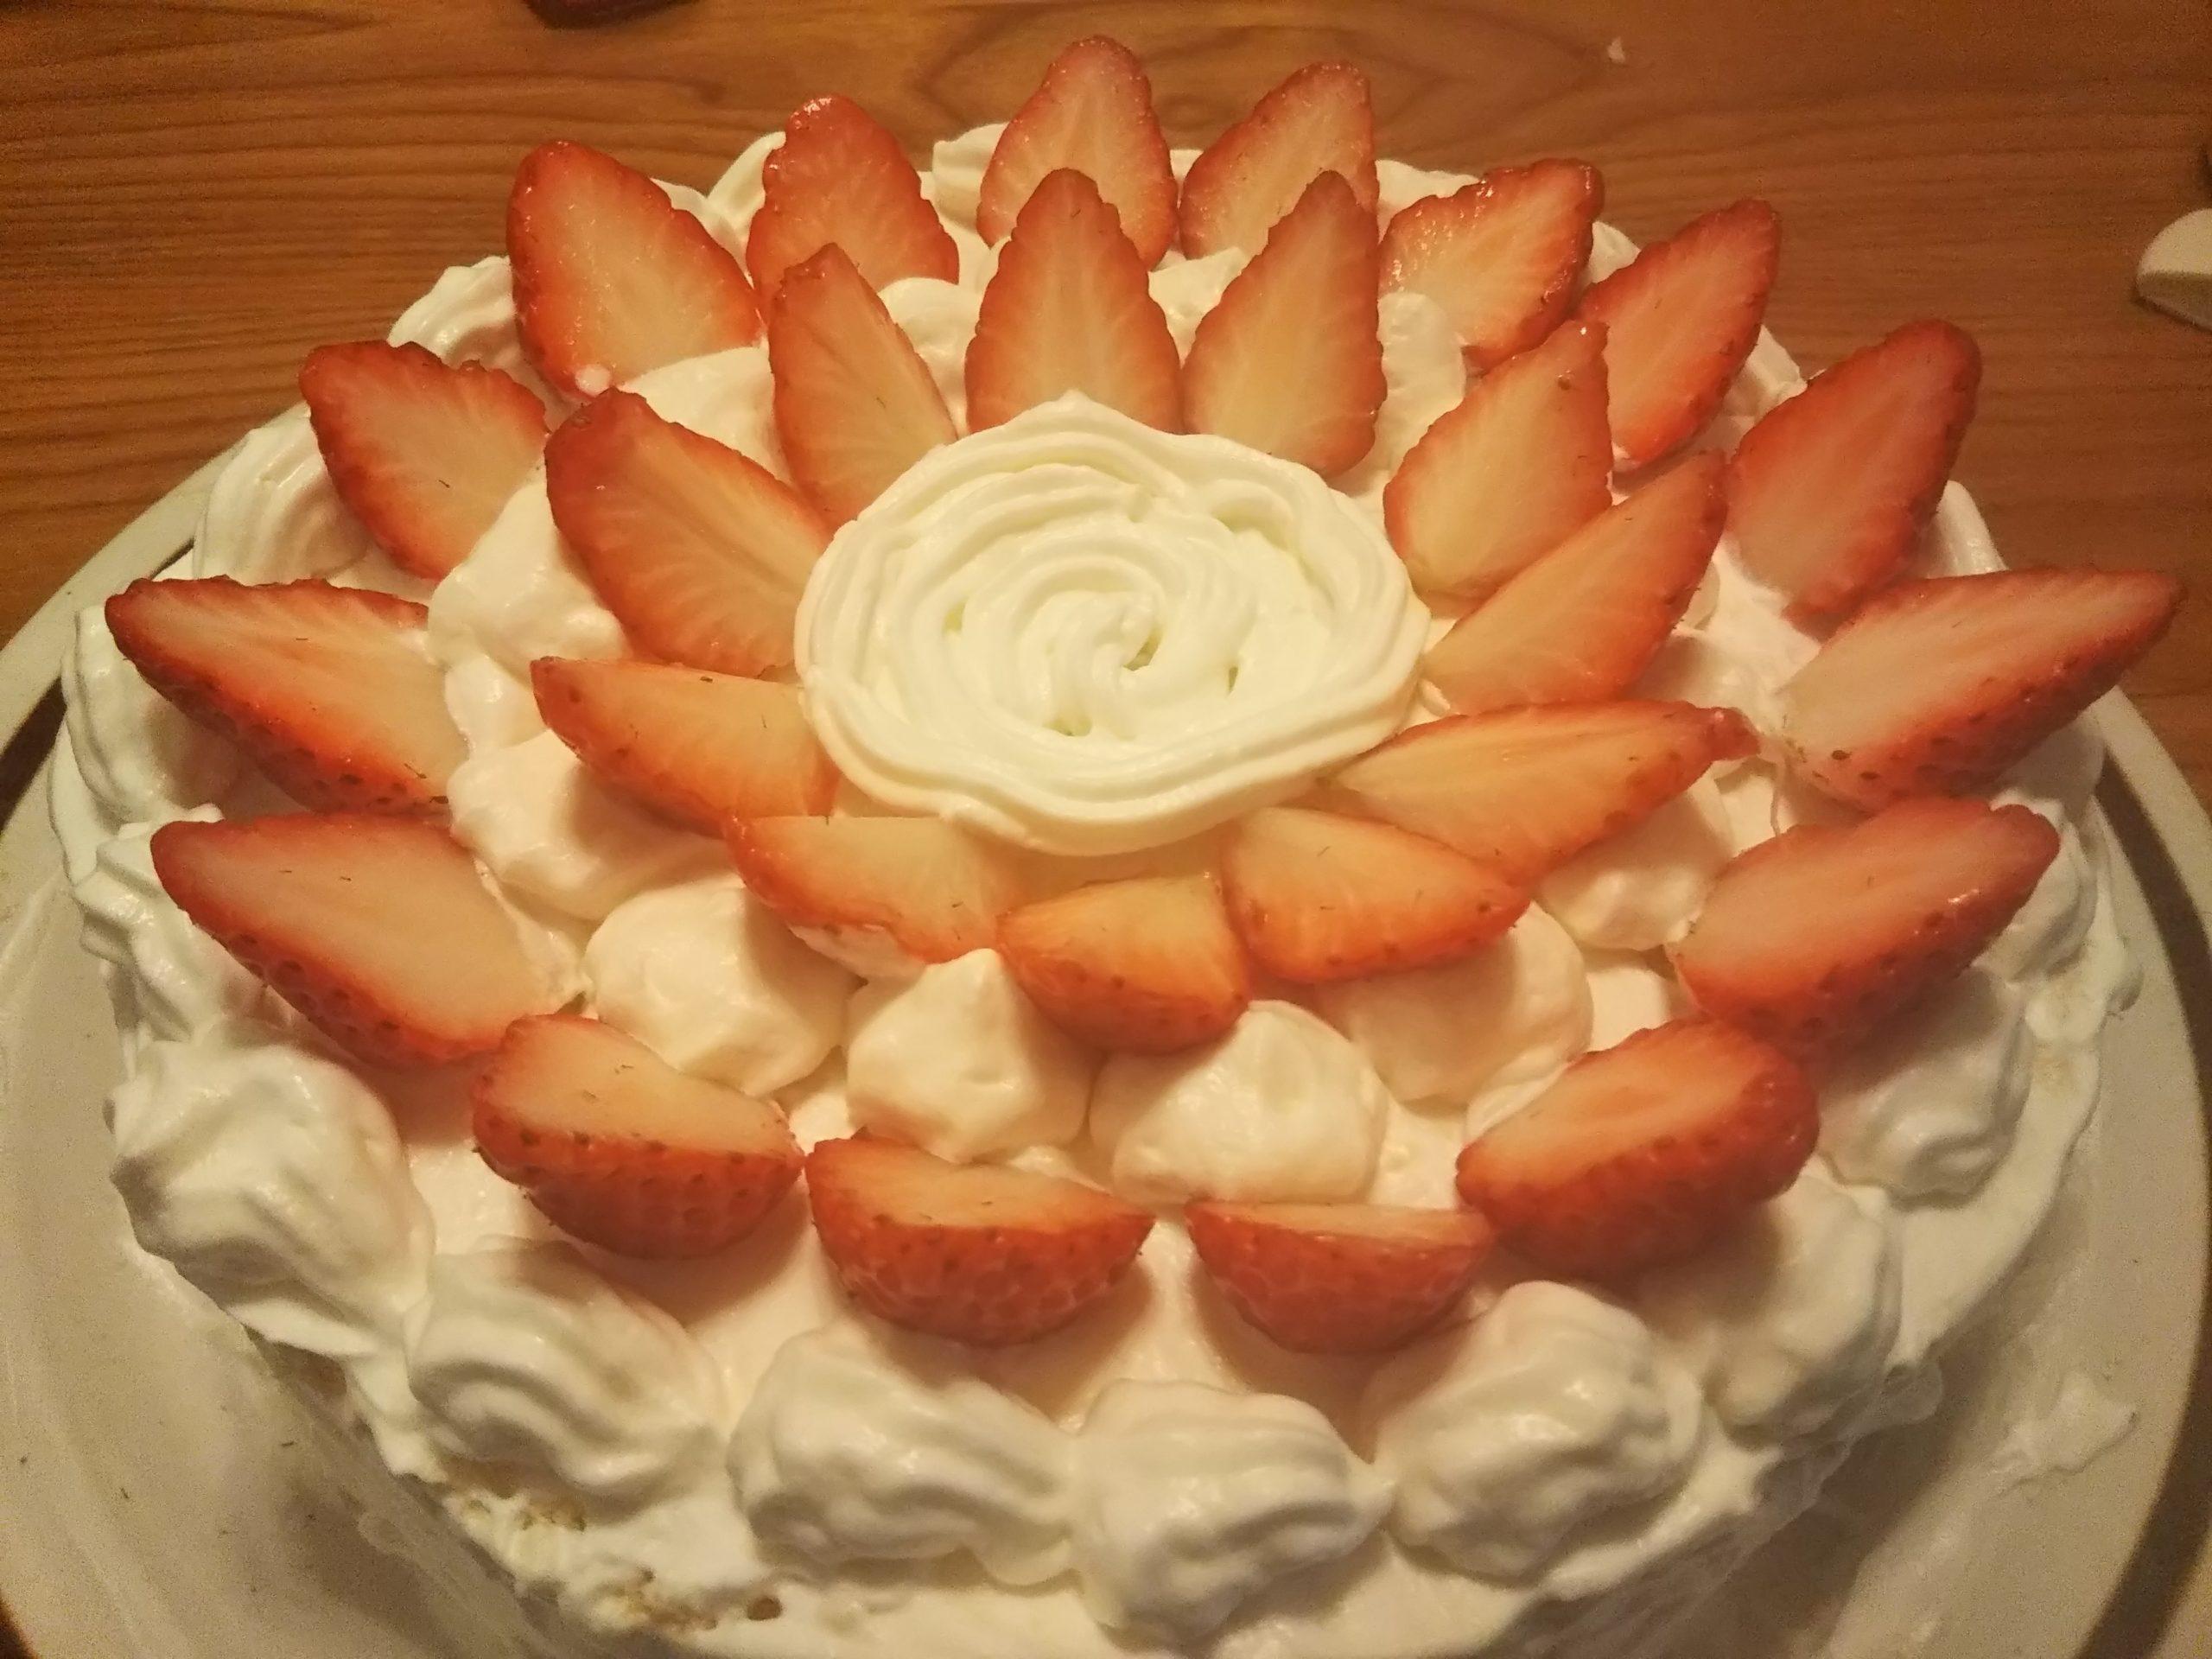 【朗報】ワイの作ったショートケーキ、美味すぎる